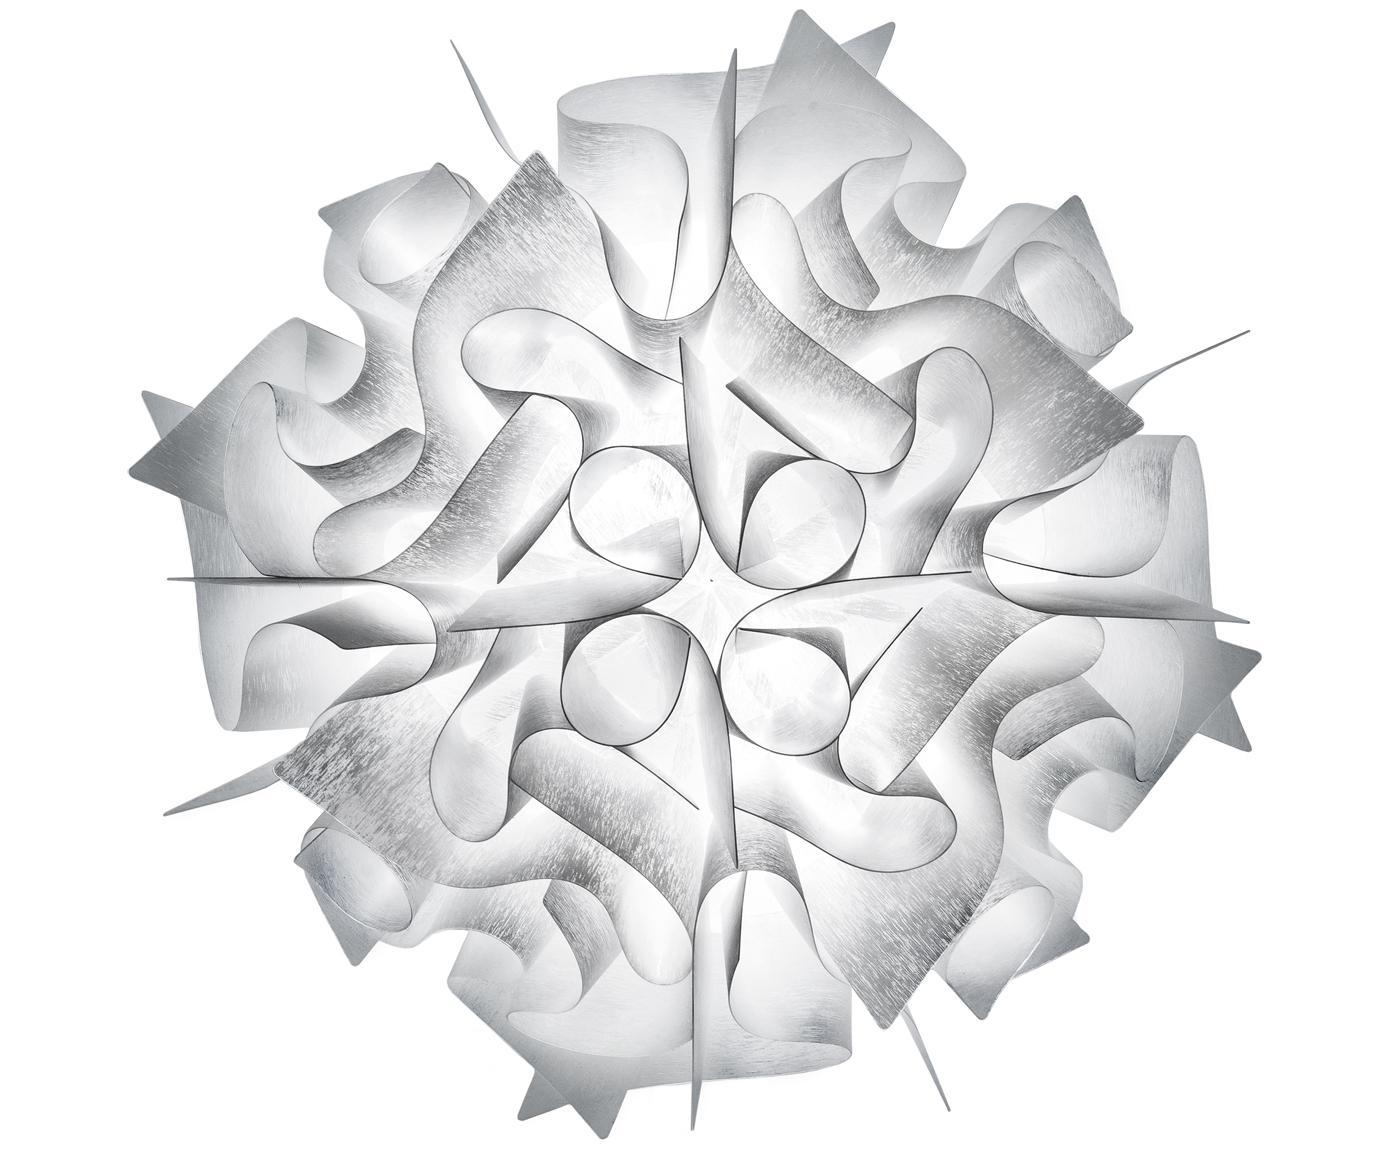 Lampada da parete e soffitto Veli, Tecnopolimero Opalflex®, riciclabile, infrangibile, flessibile, con rivestimento antistatico, resistente ai raggi UV e al calore, Bianco, Ø 53 x Prof. 20 cm